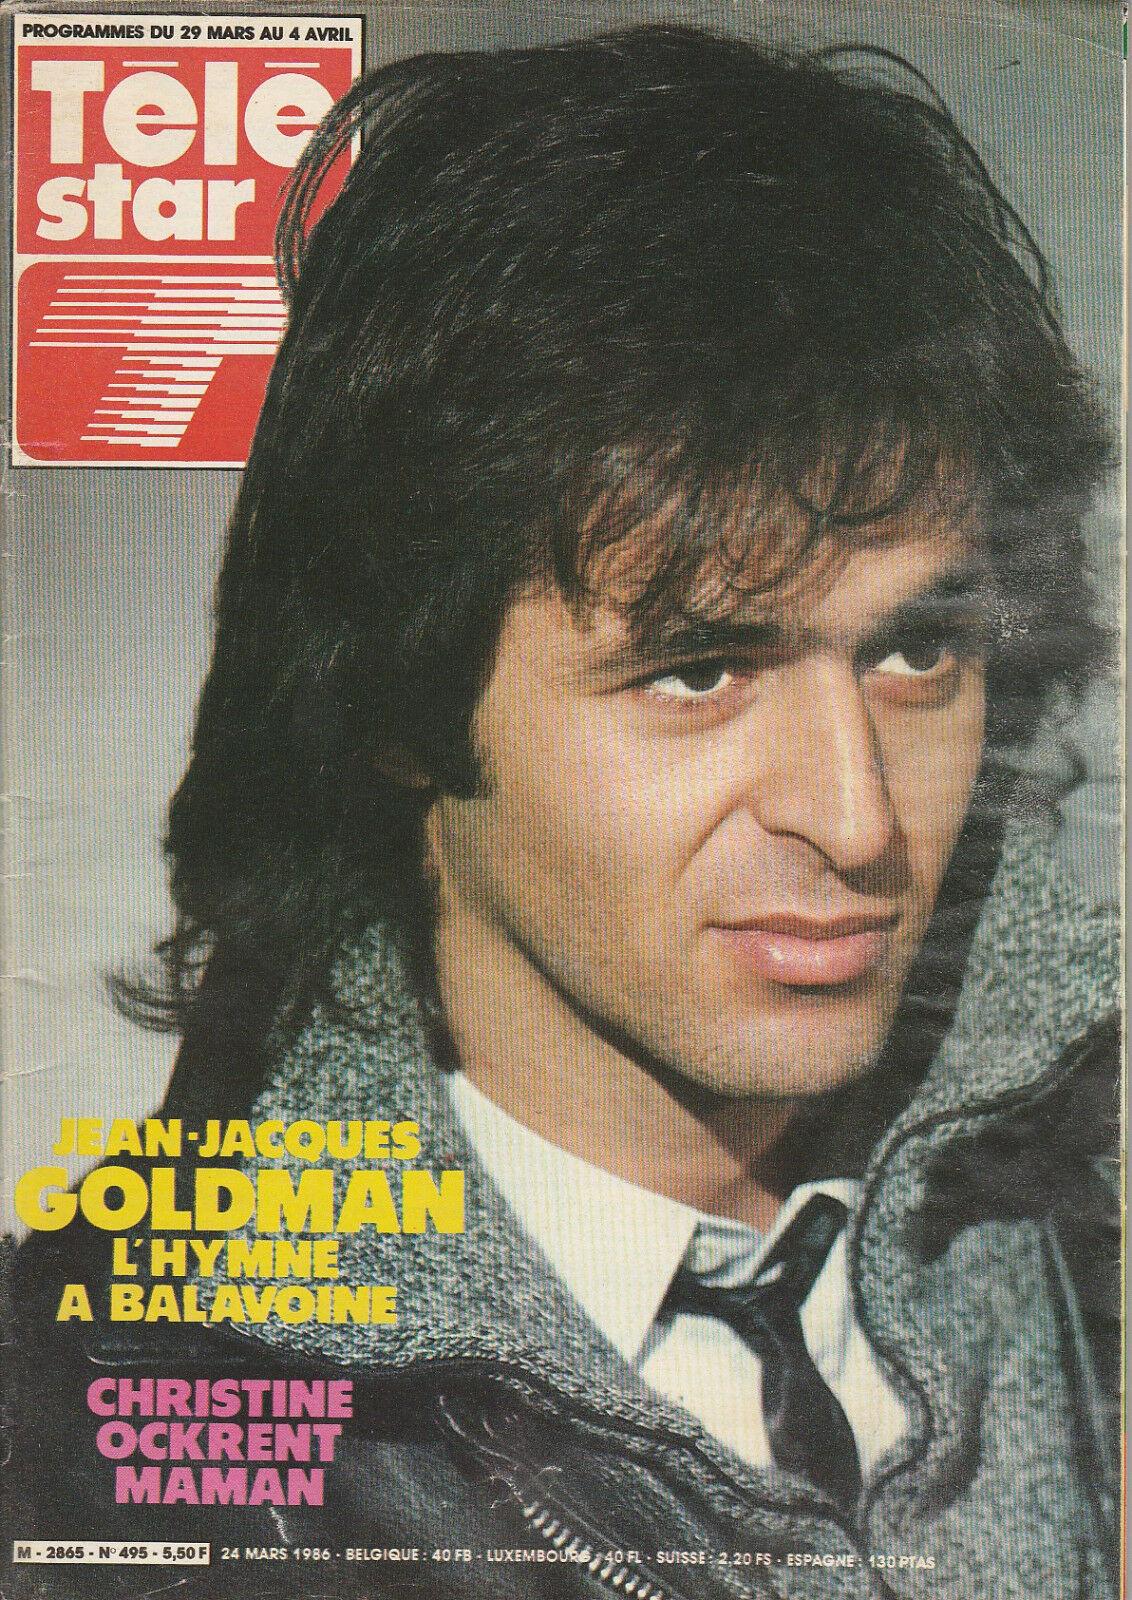 29 mars au 4 avril 1986